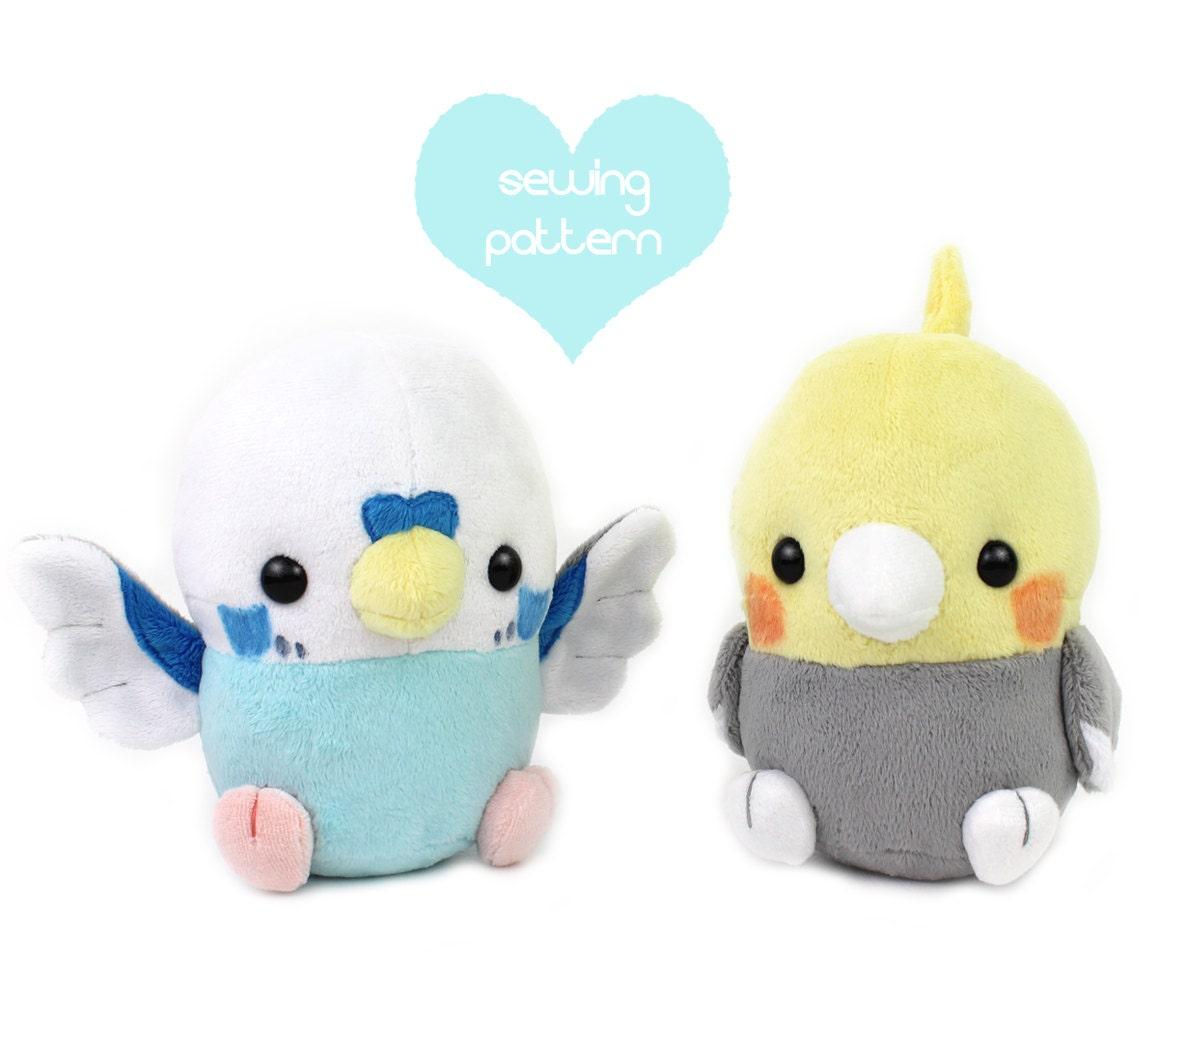 Pdf sewing pattern baby bird plush stuffed animal kawaii zoom jeuxipadfo Gallery